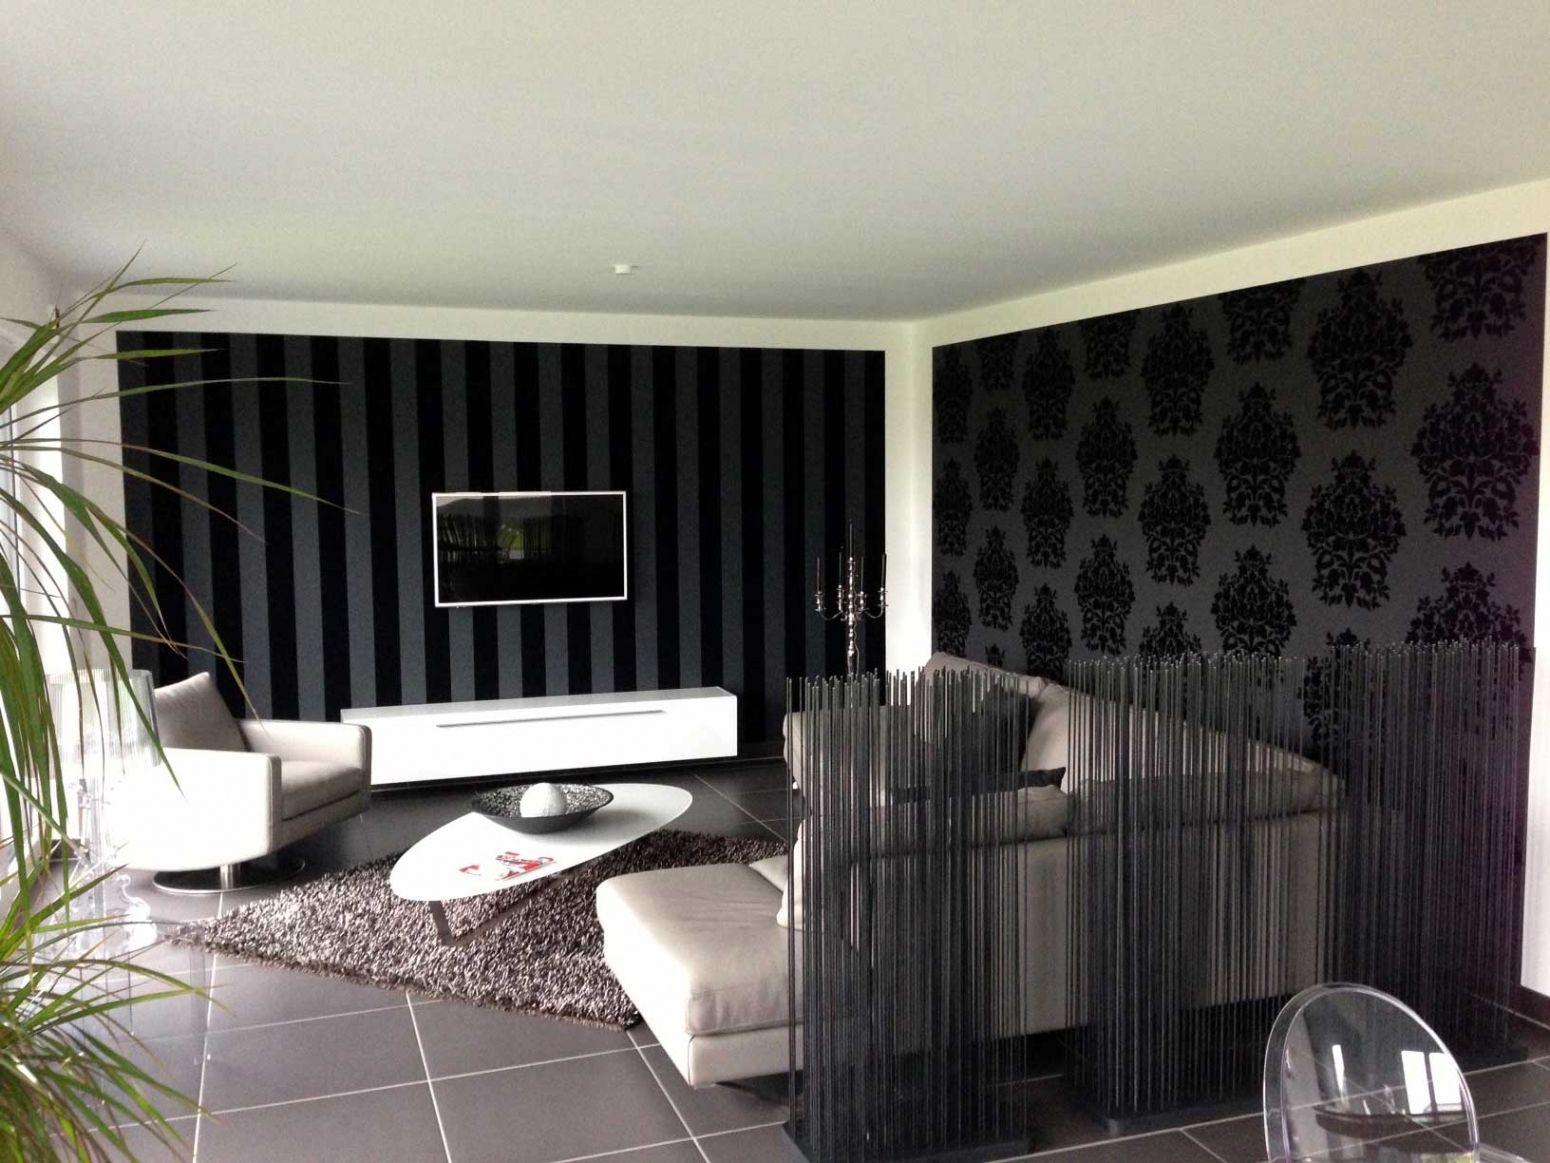 Glasbilder Wohnzimmer ~ Luxus tapeten wohnzimmer bilder wohnzimmer ideen